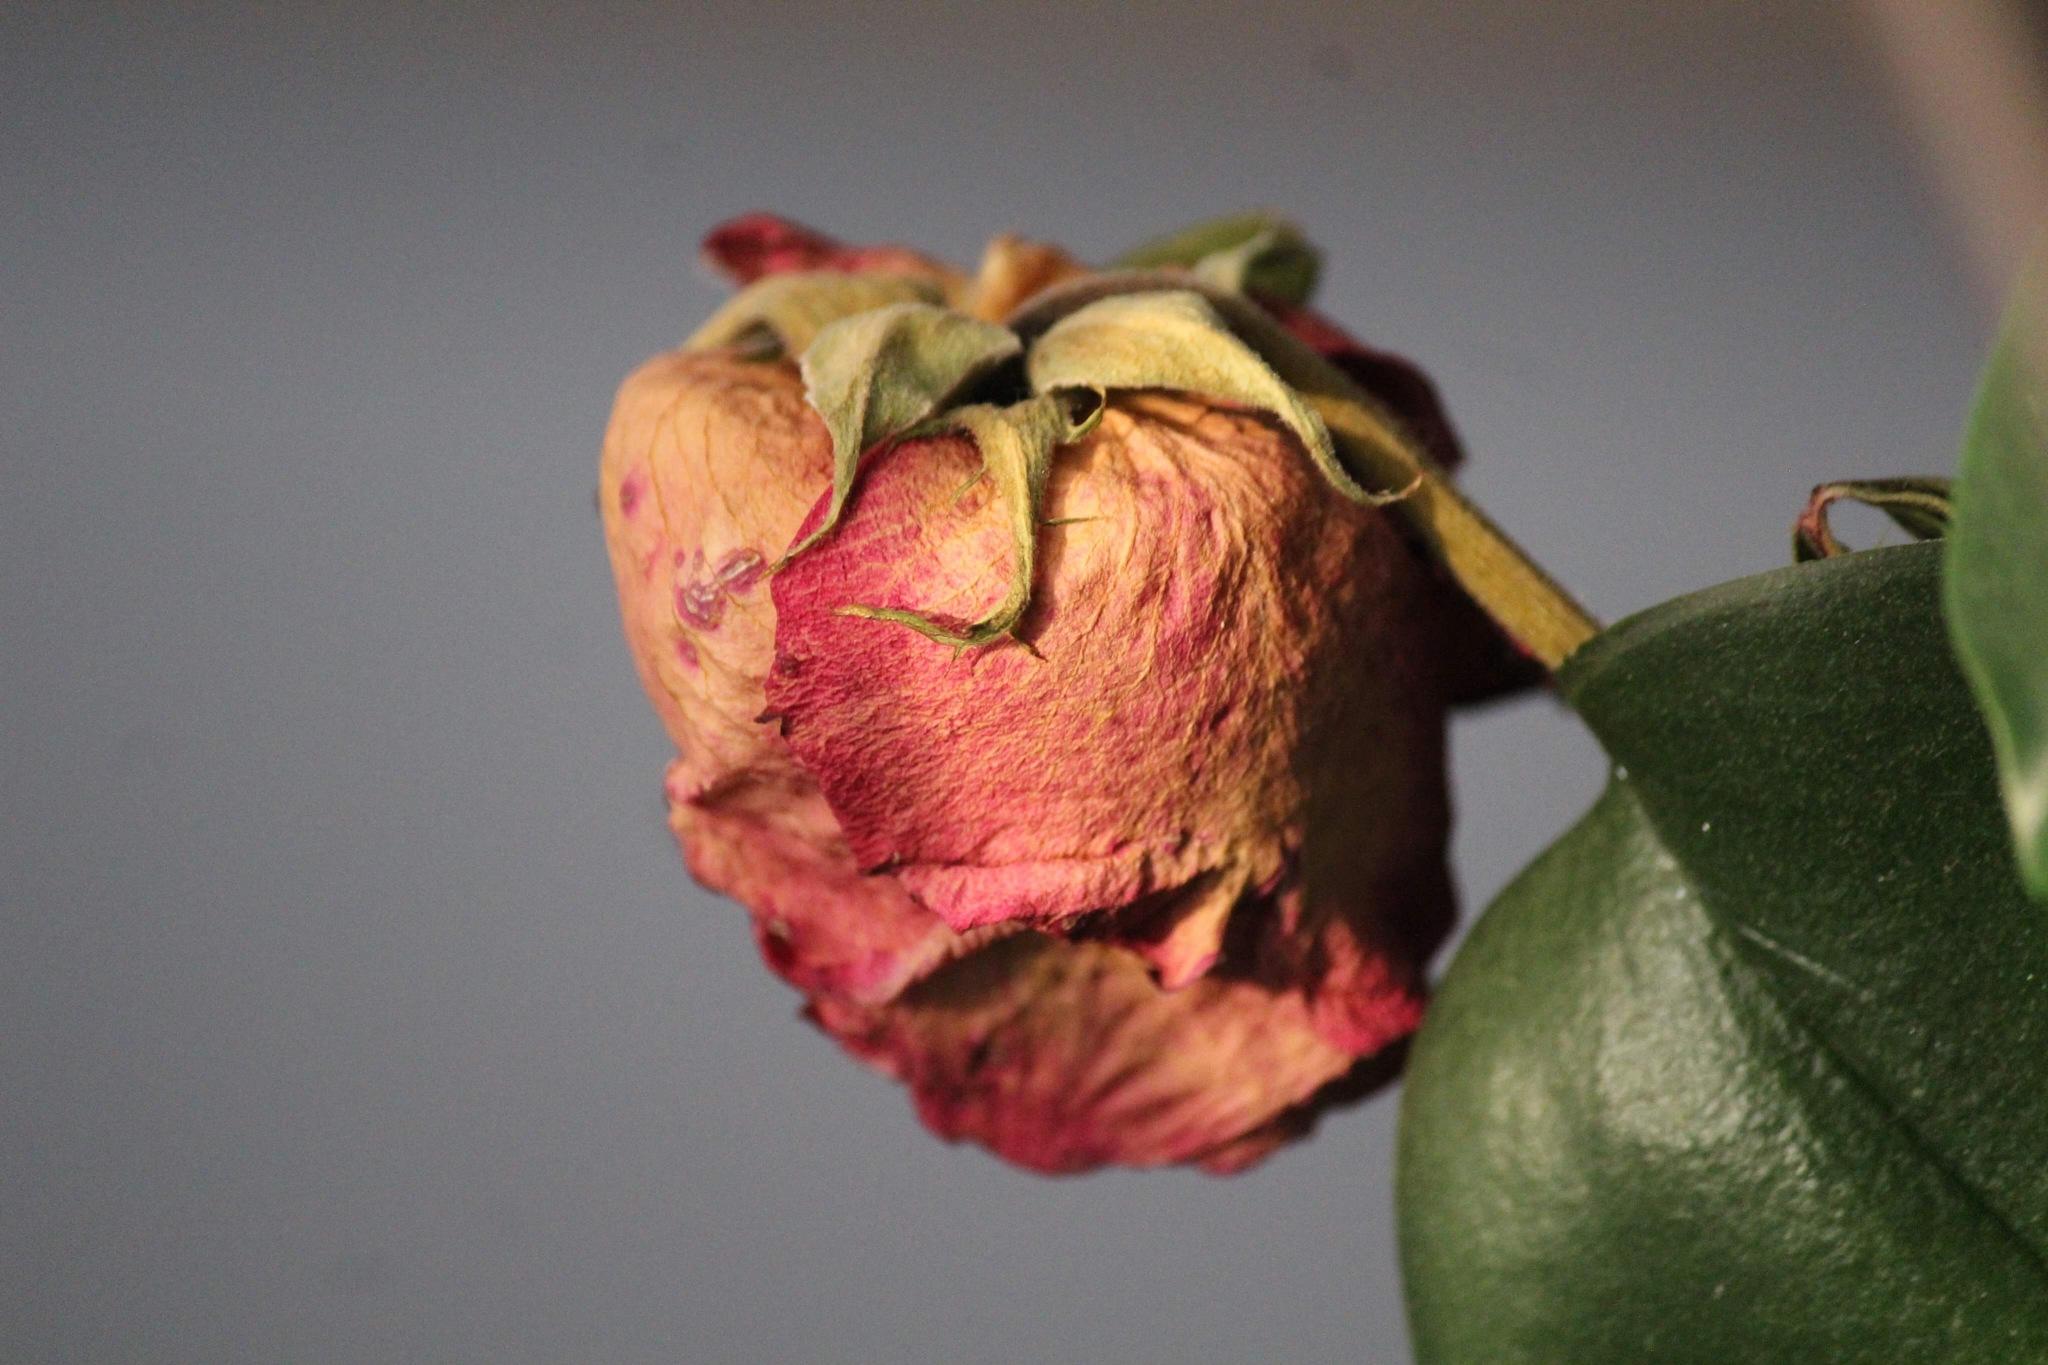 Rose by Sáfrány Mónika